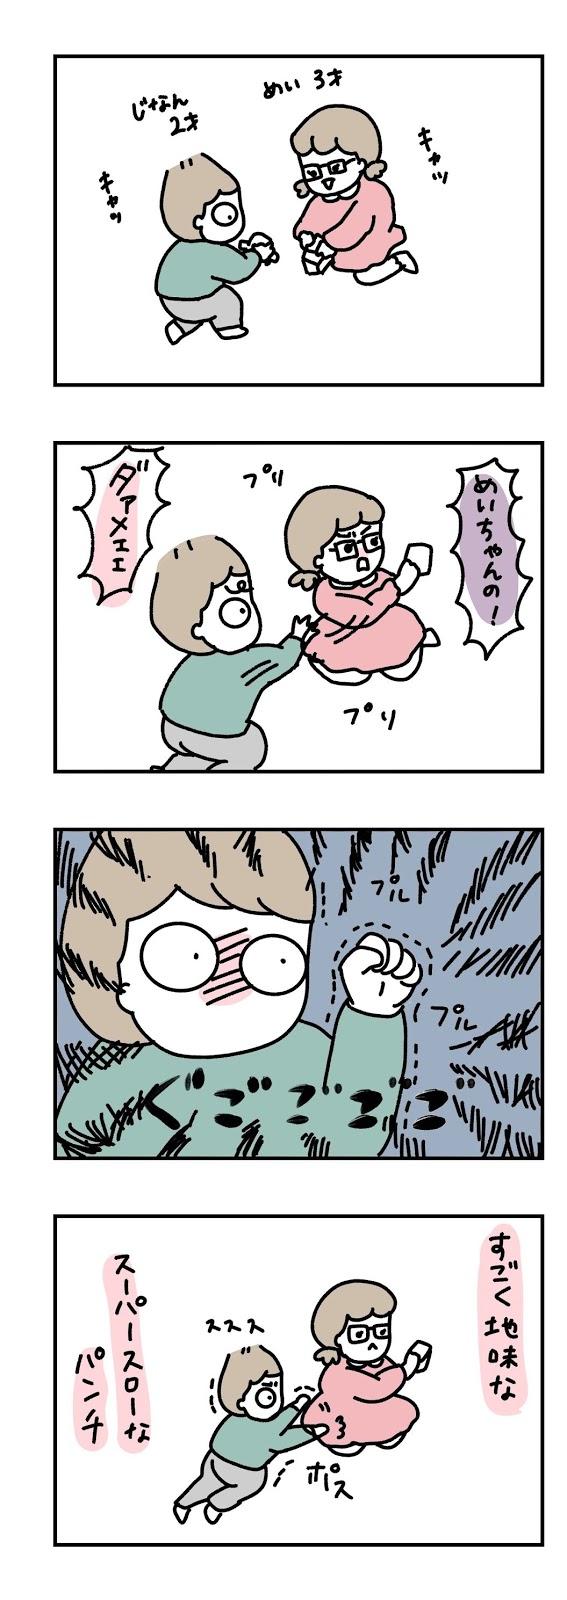 3歳の姪と喧嘩した結果すごいスロースピードでパンチを繰り出すので2歳の次男を叱るか悩む4コマ漫画